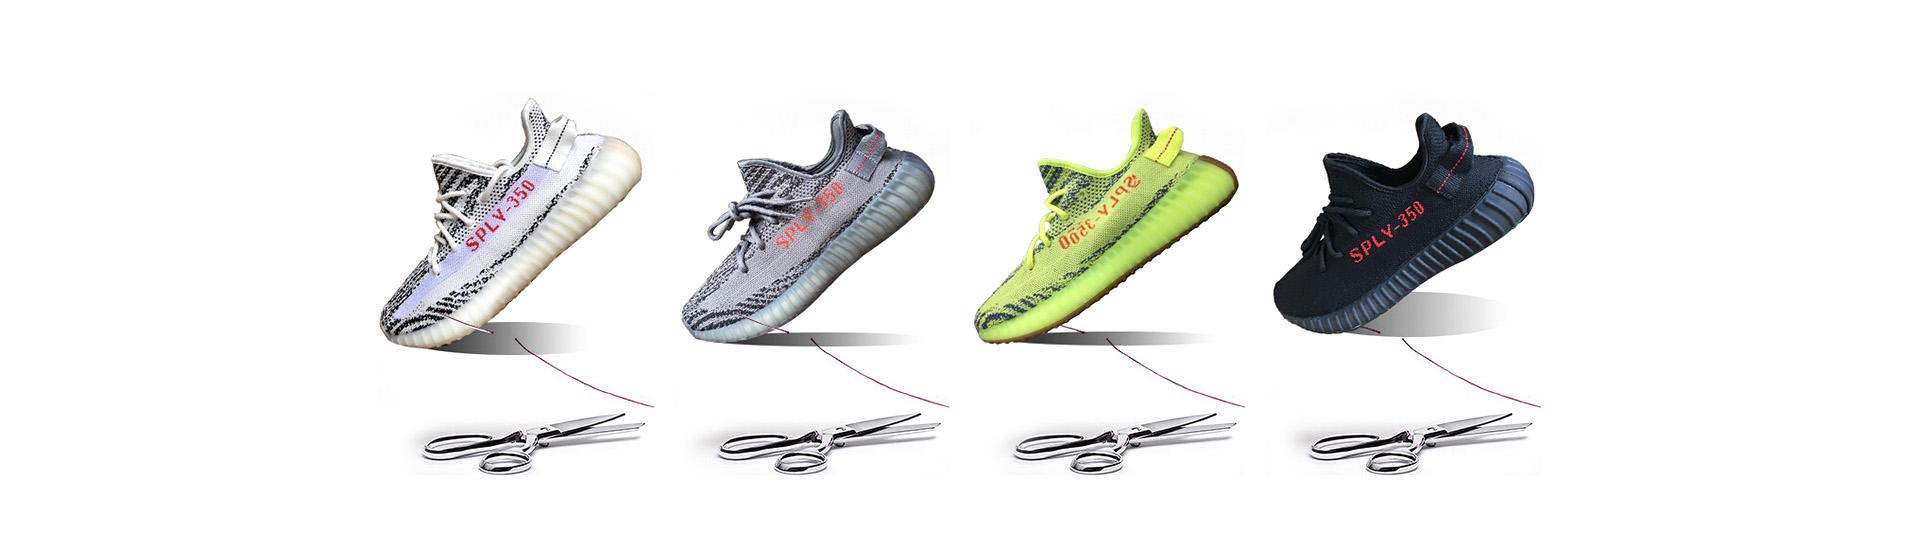 quality design c64d3 18ee9 Variété professionnelle de chaussures de sport chaussures  occasionnels.Parbaskets de luxe